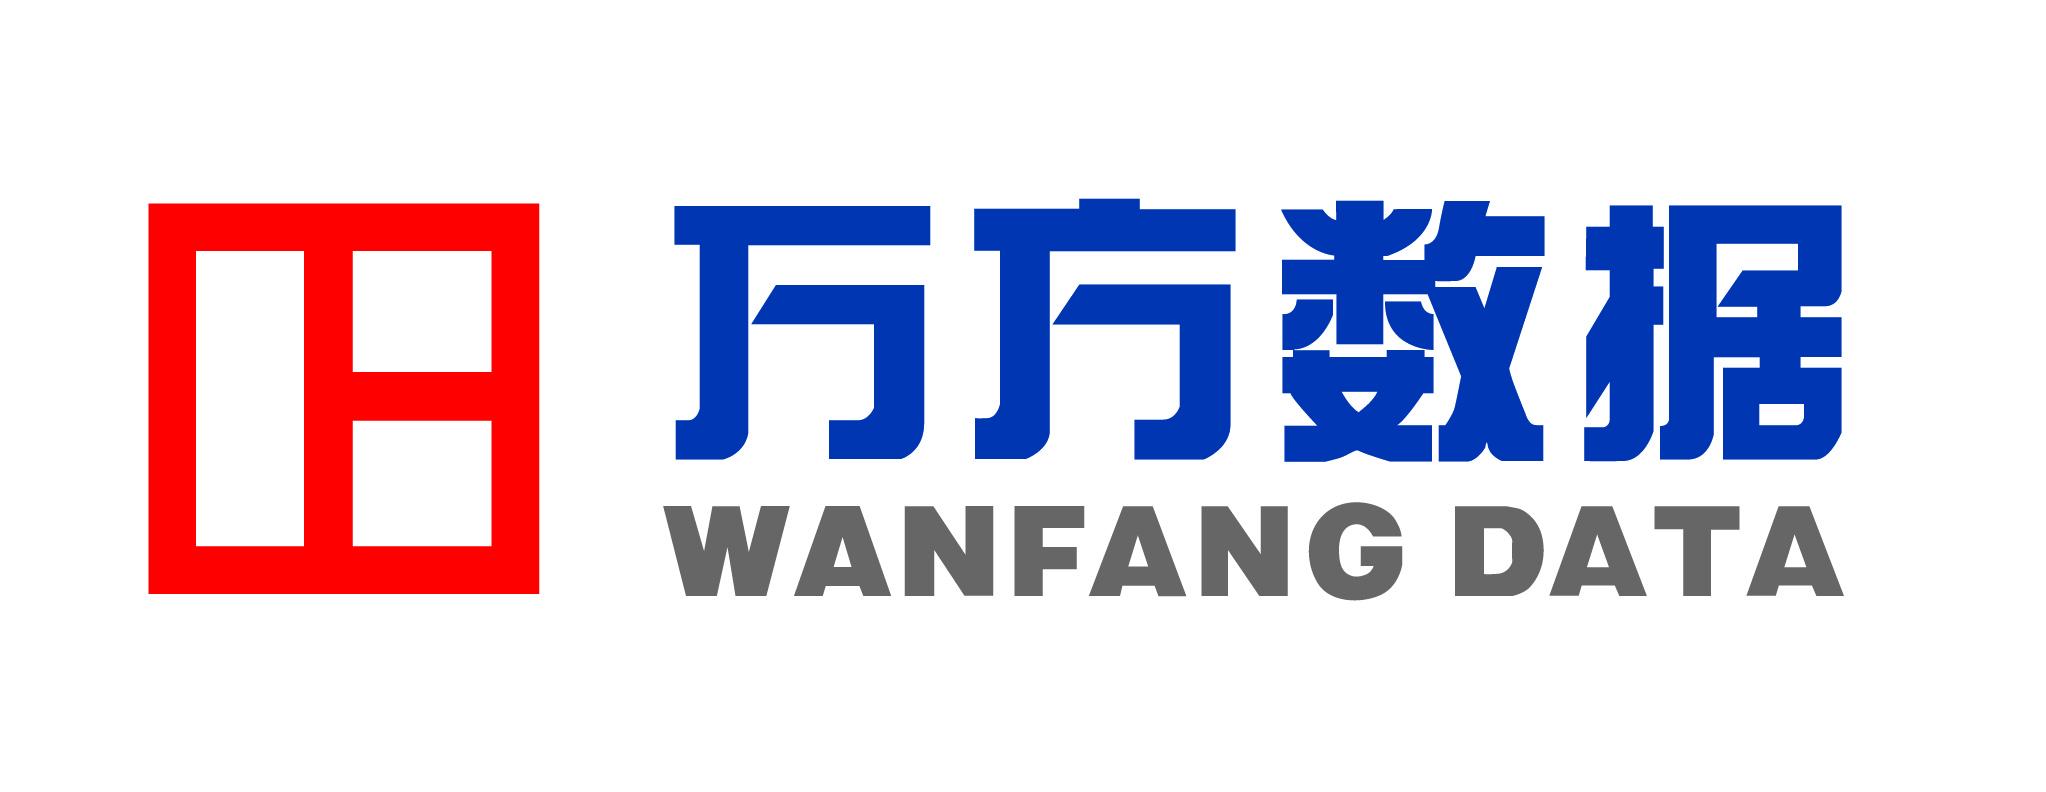 Wanfang Data-Logo-large